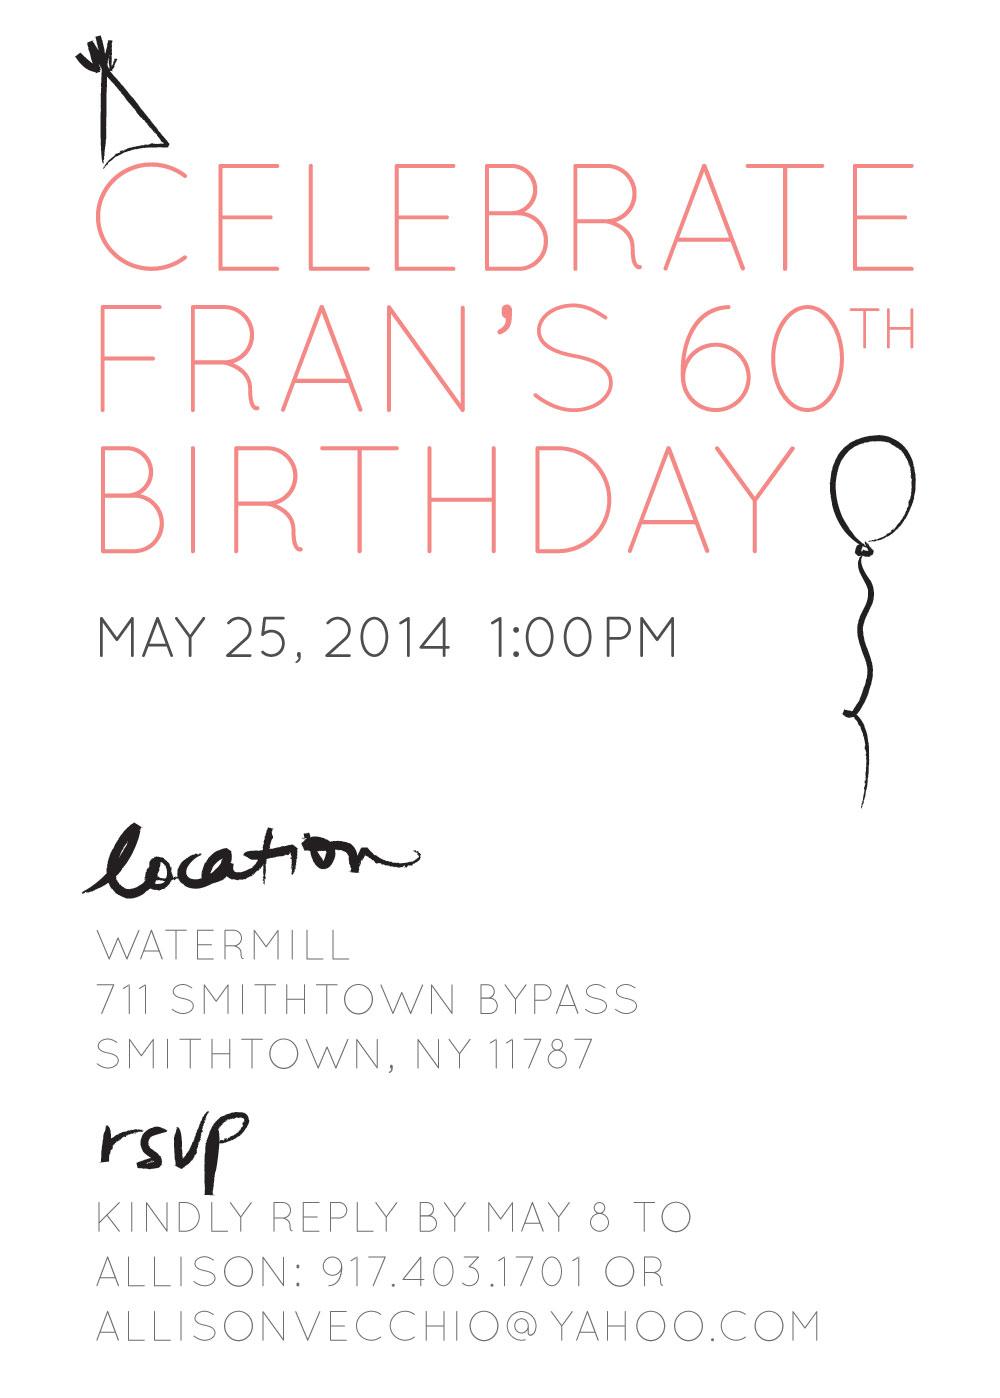 invitation_fran60_04.jpg